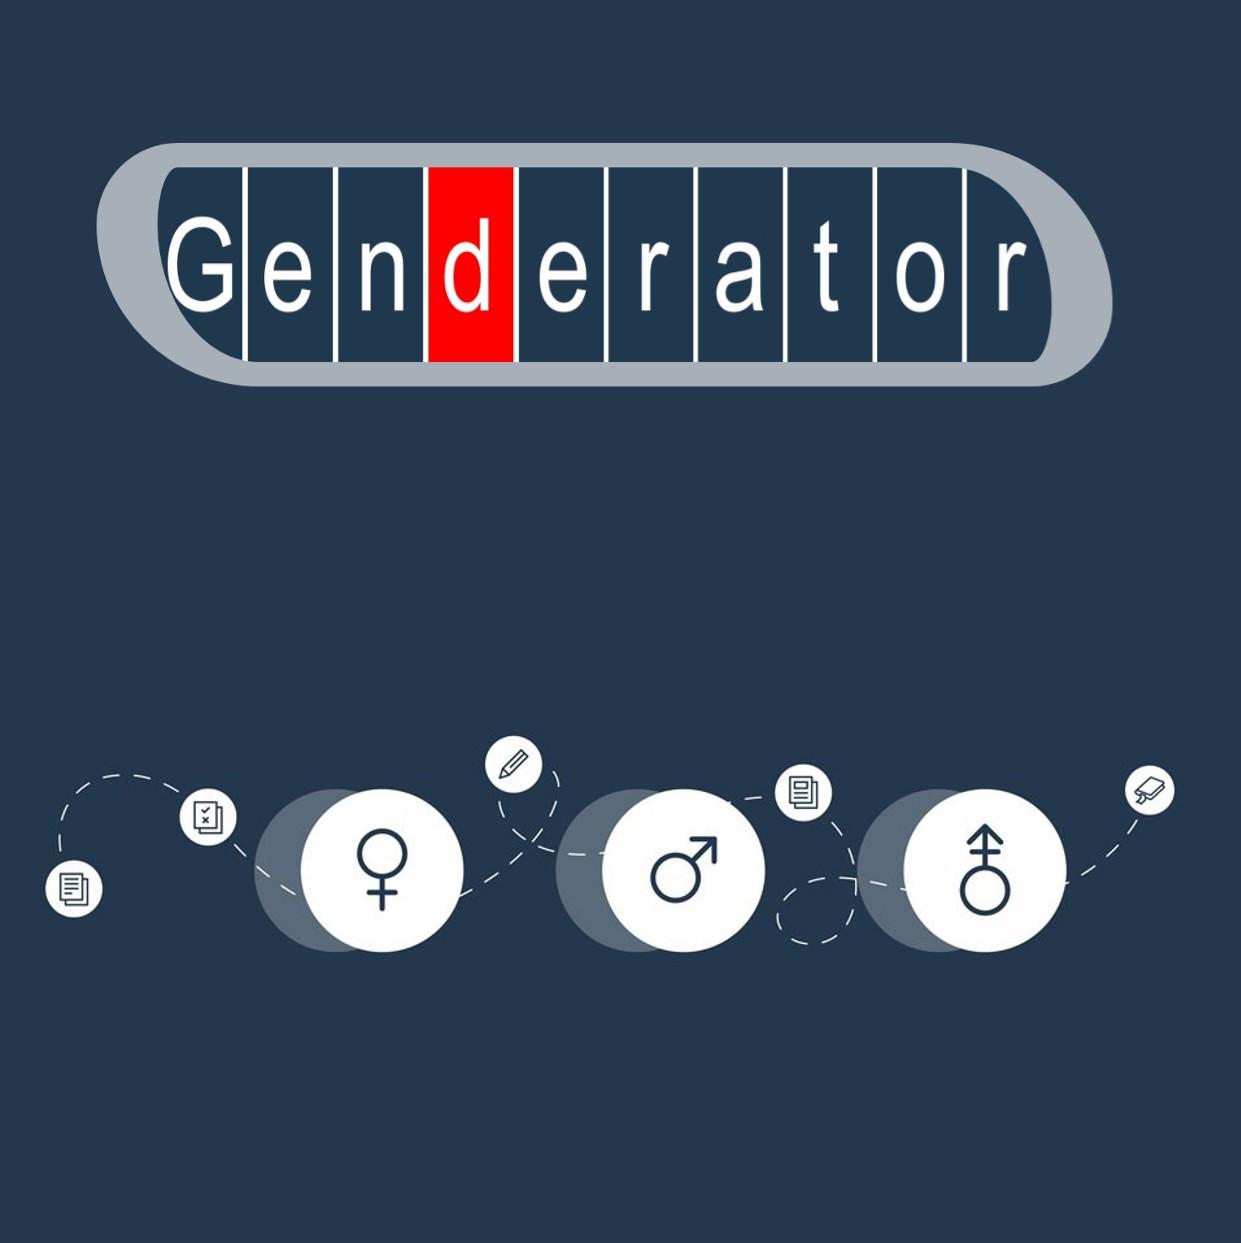 Logo Genderator sowie Symbole für